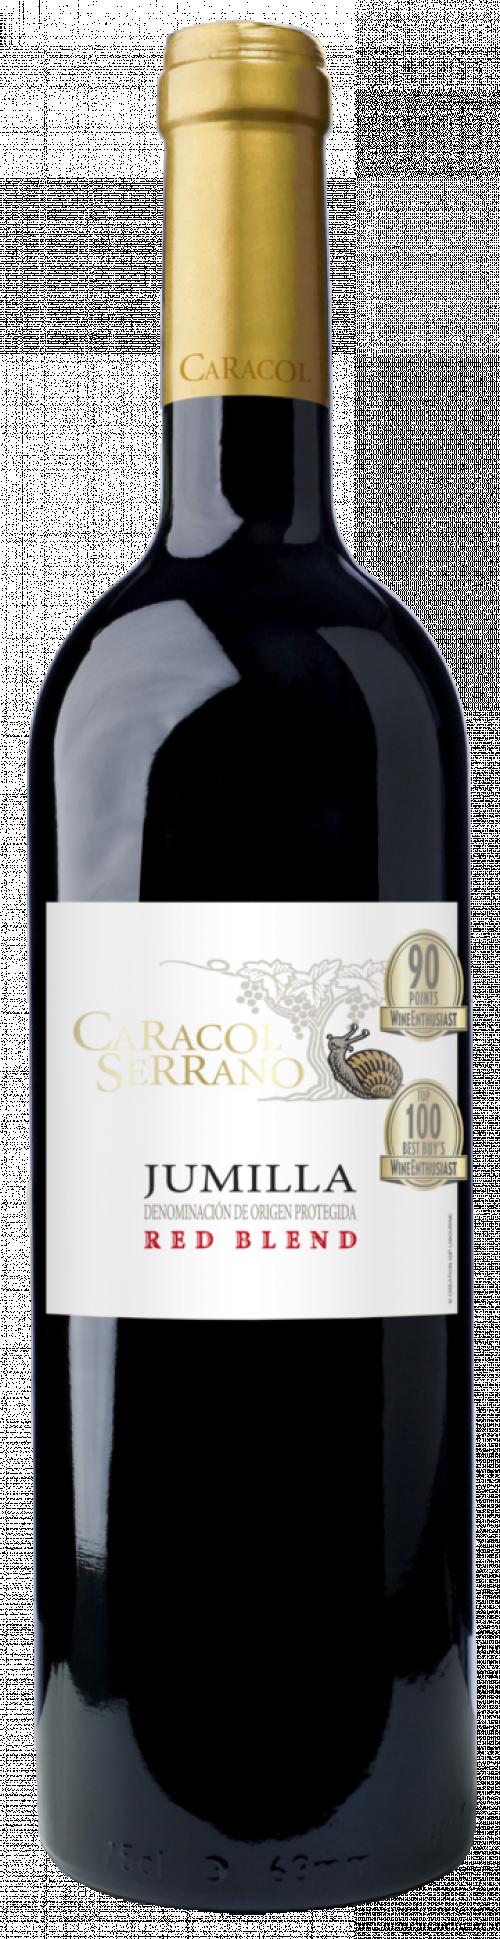 Caracol Serrano Jumilla Tinto